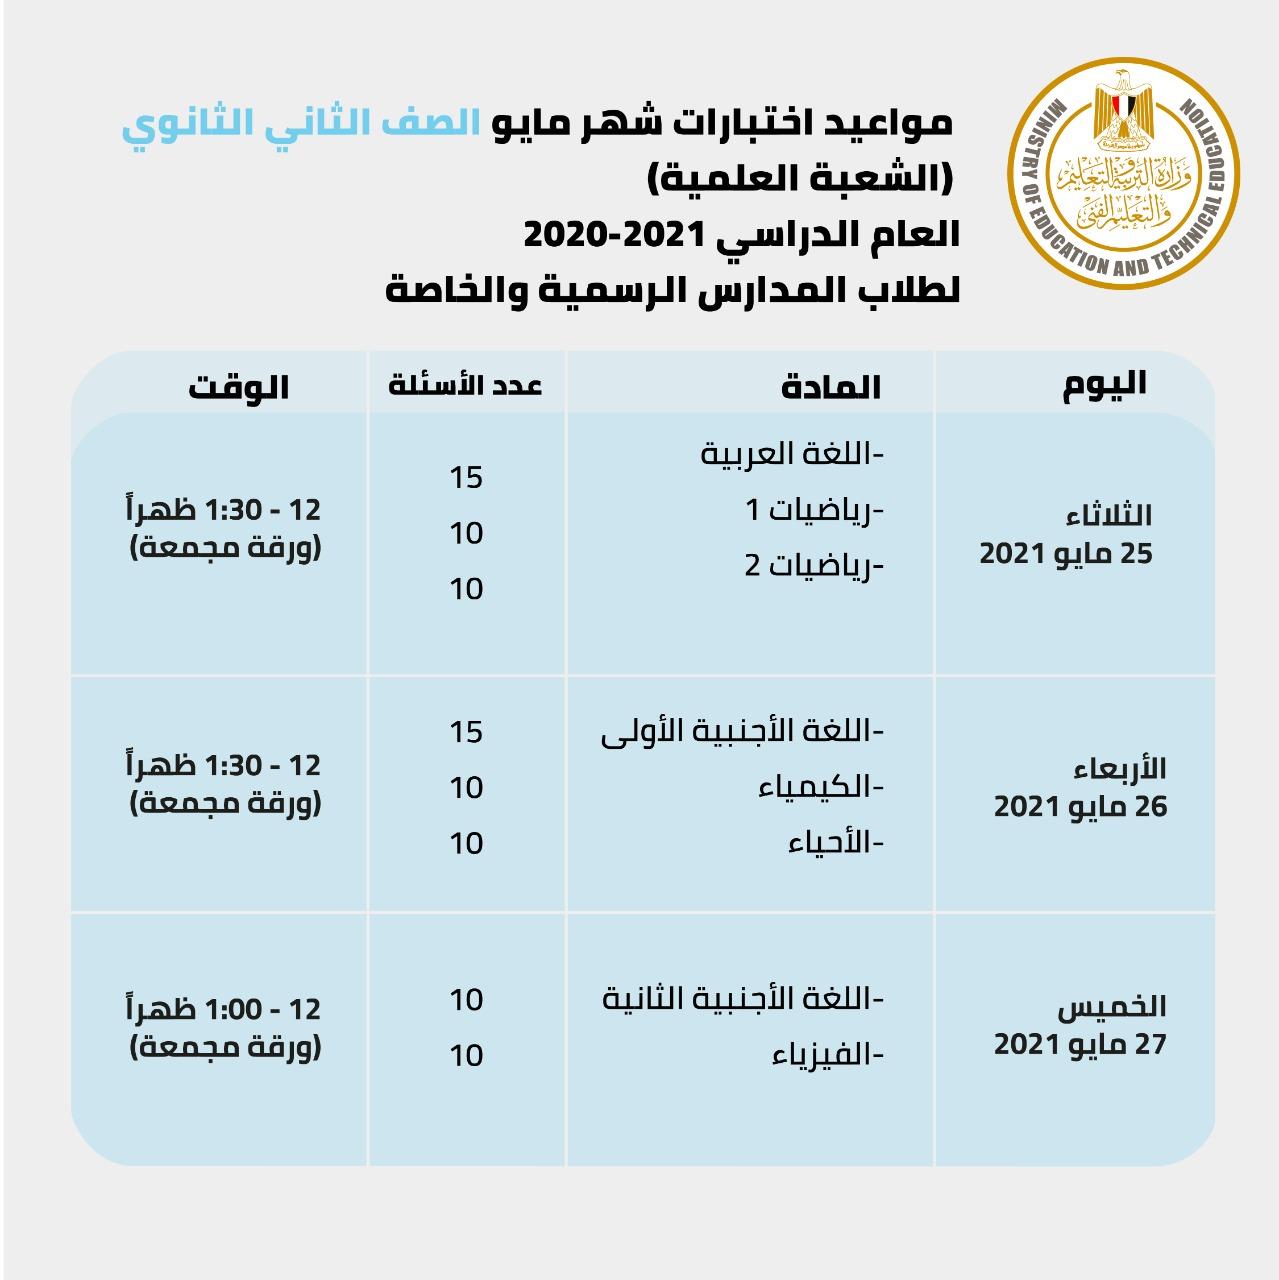 ضوابط امتحانات الفصل الدراسي الثاني للصفين الأول والثاني الثانوي